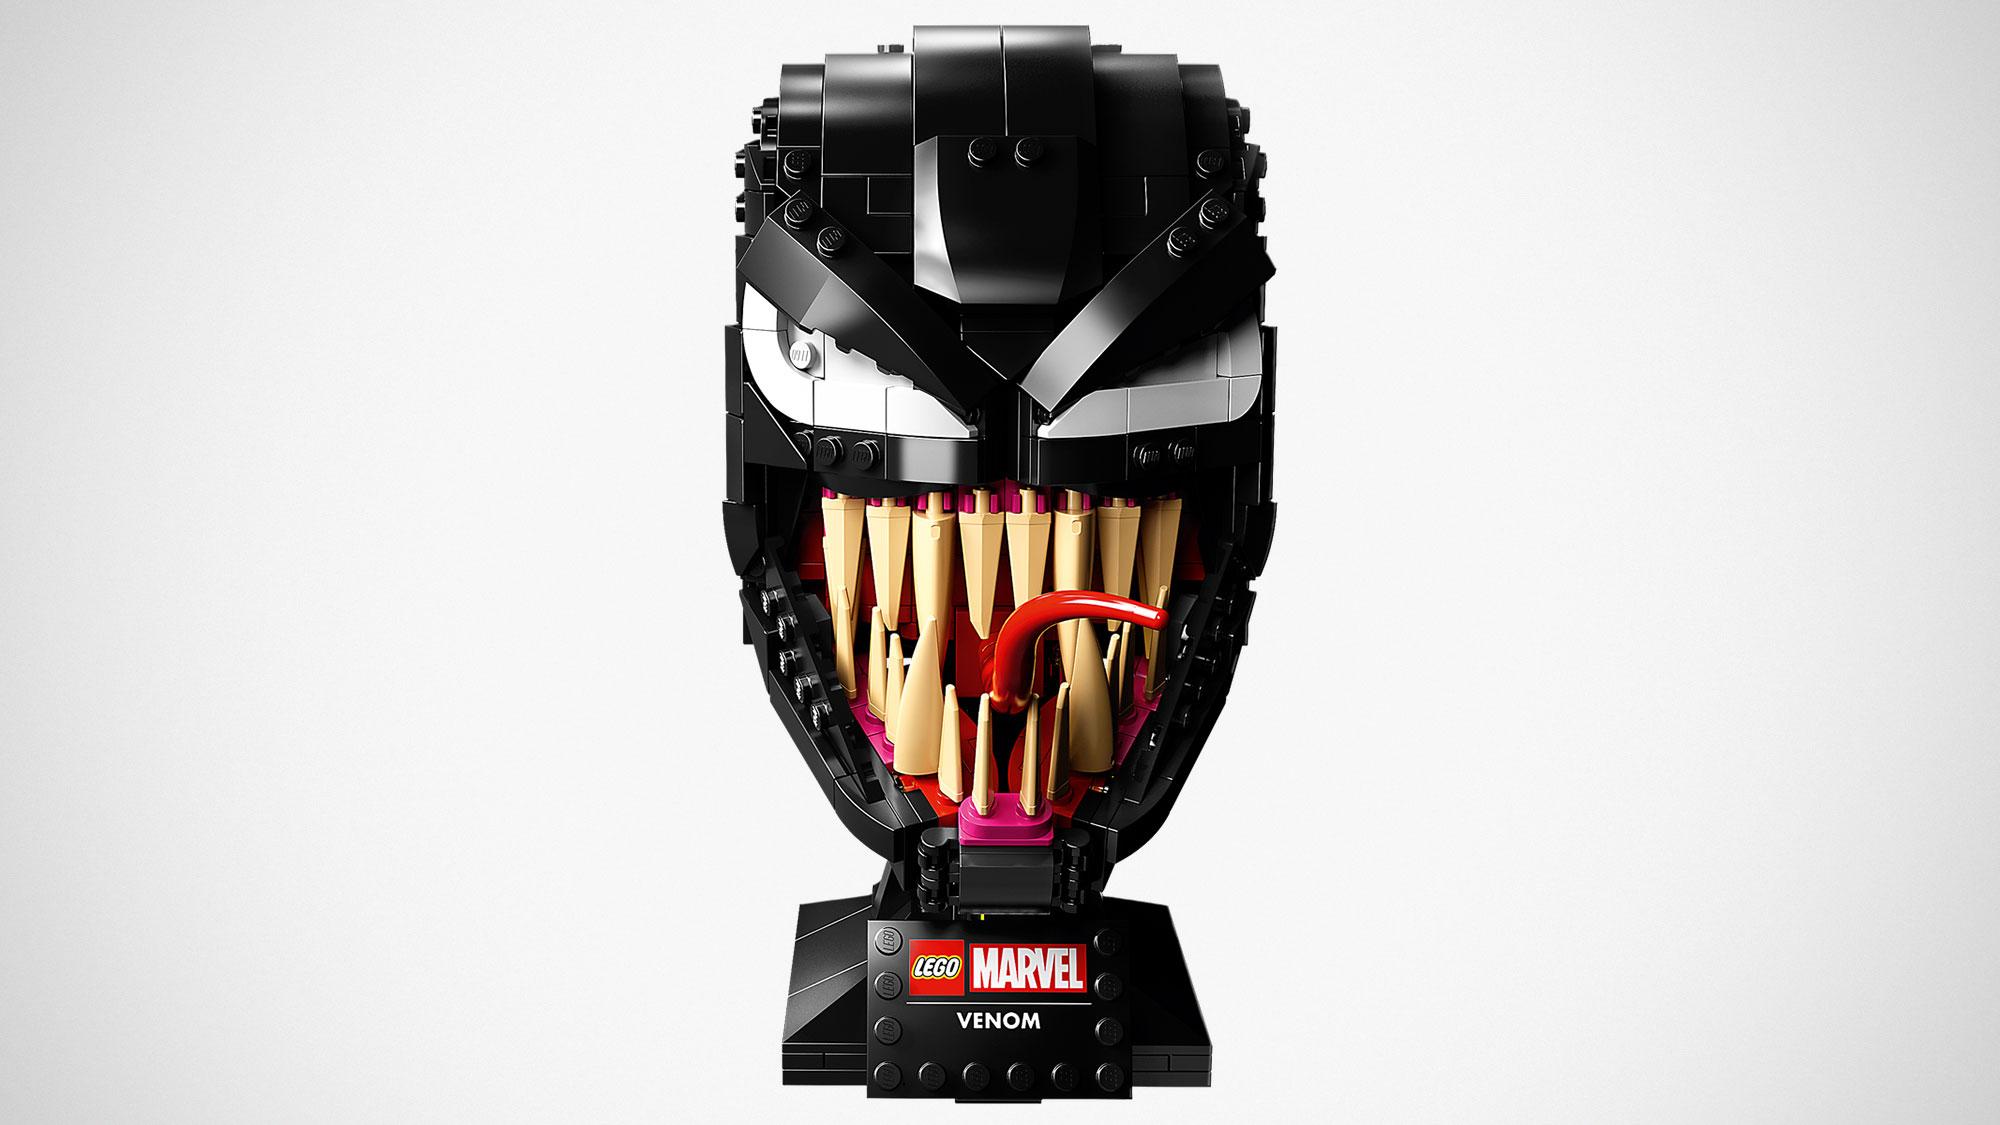 LEGO 76187 Marvel Spider-Man Venom